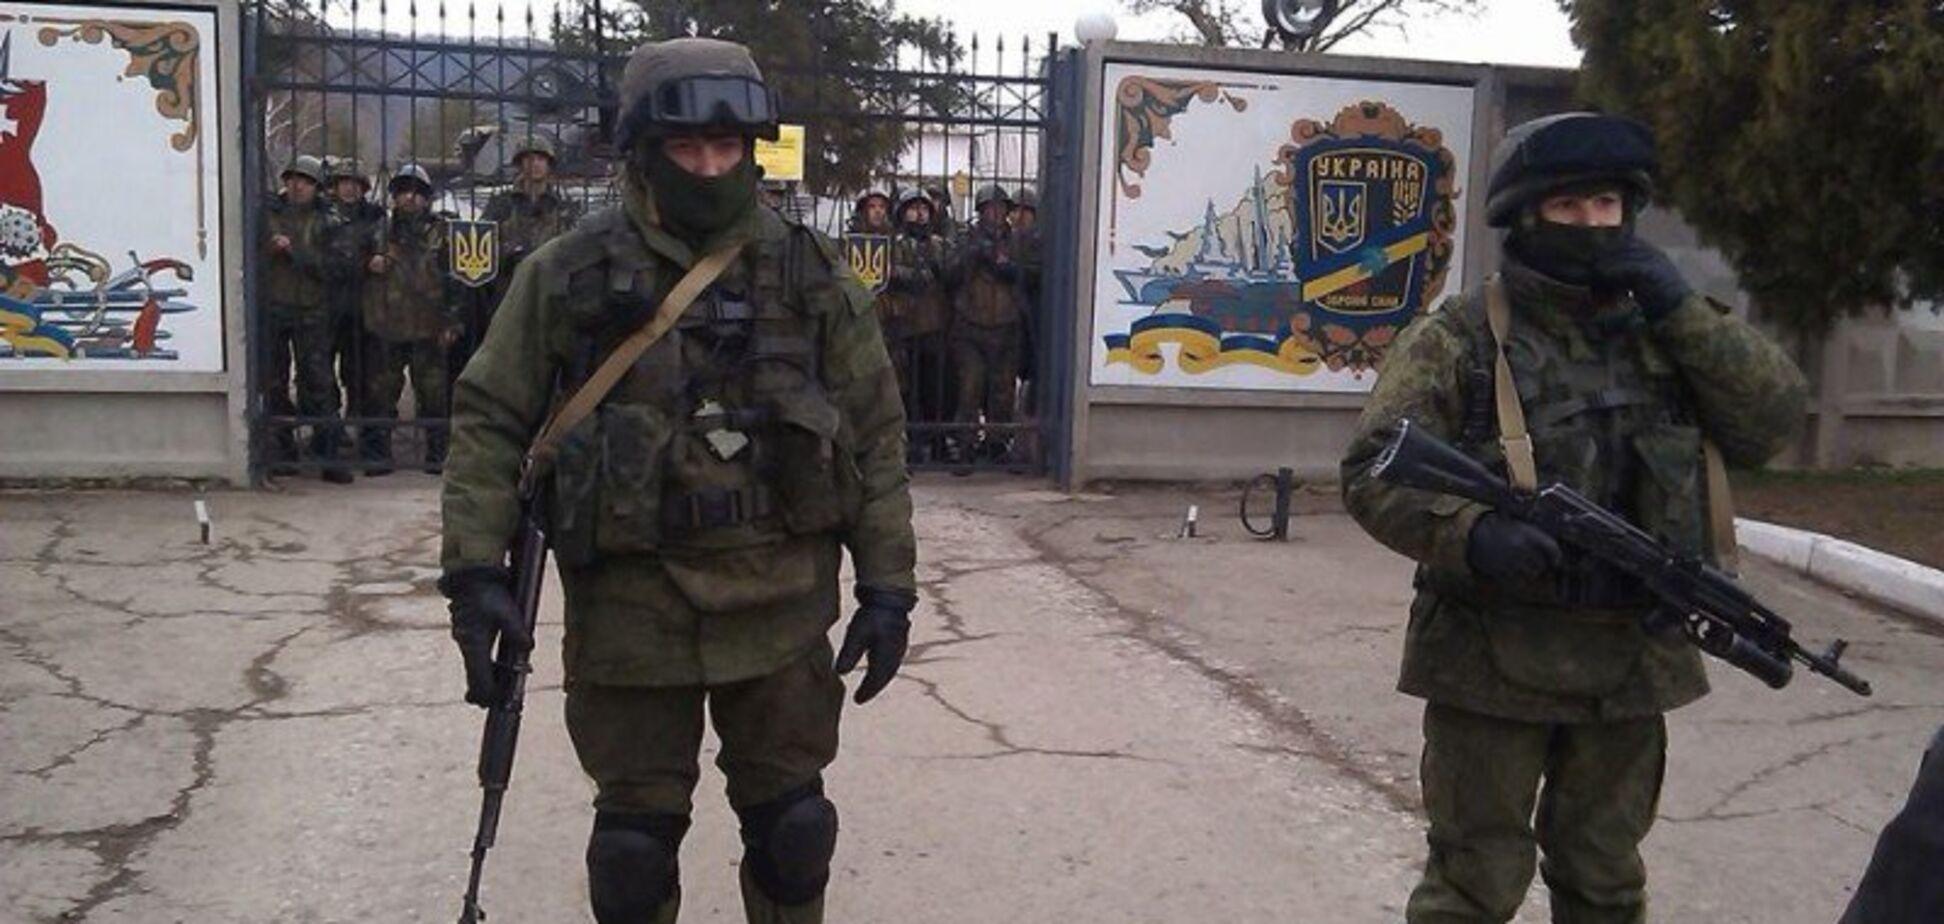 Анексію Криму готували ще при Януковичі: адмірал ВСУ повідомив деталі